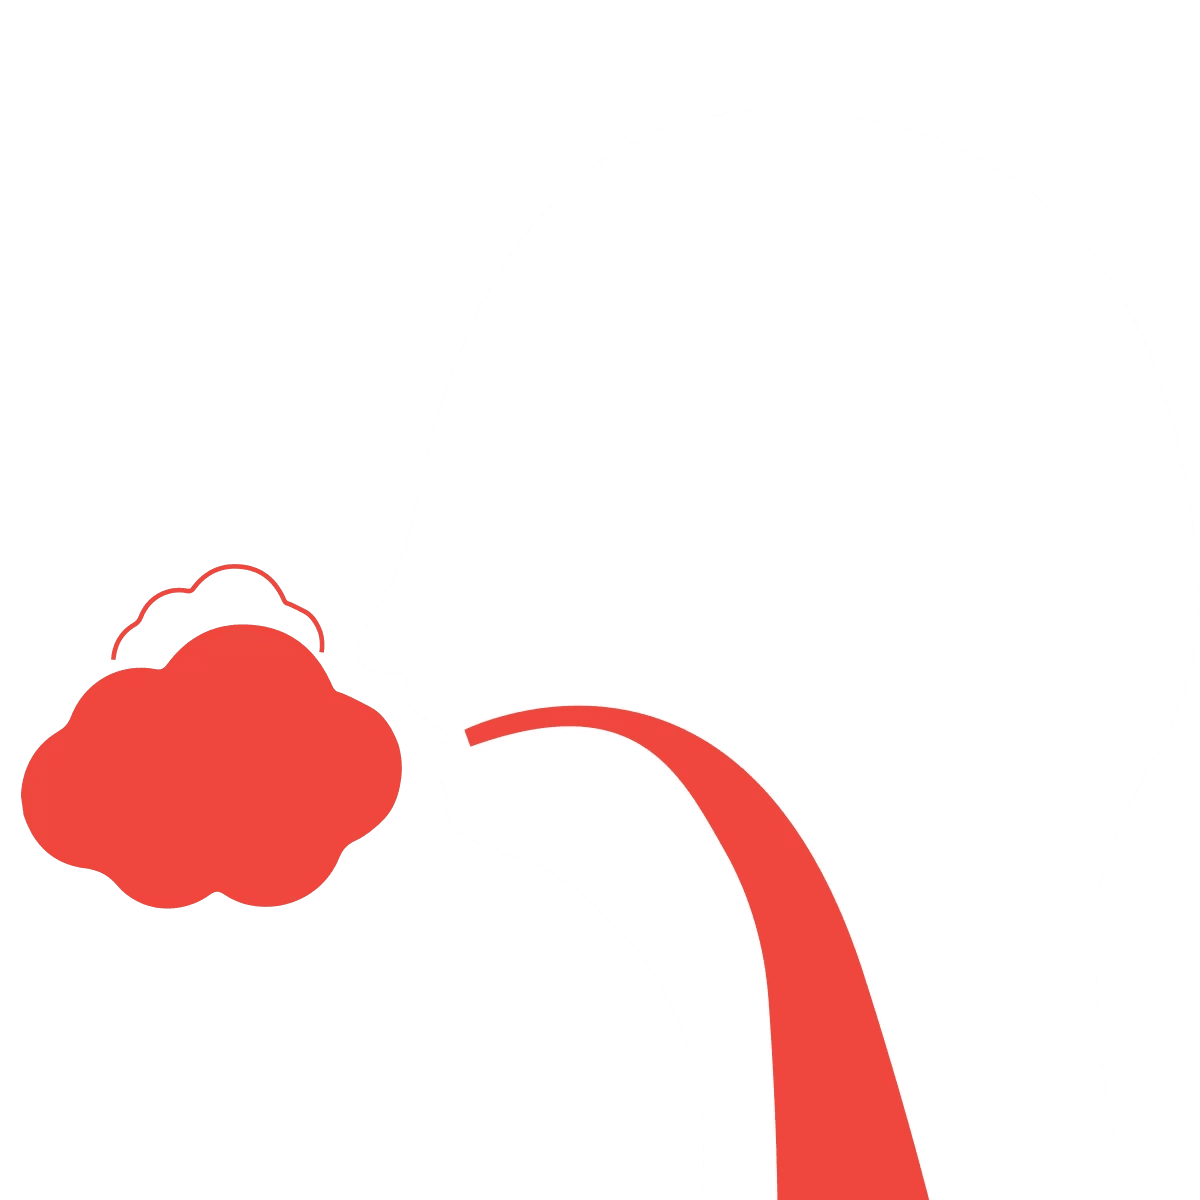 Eruttazione eccessiva o continua: le cause e i rimedi per farla passare